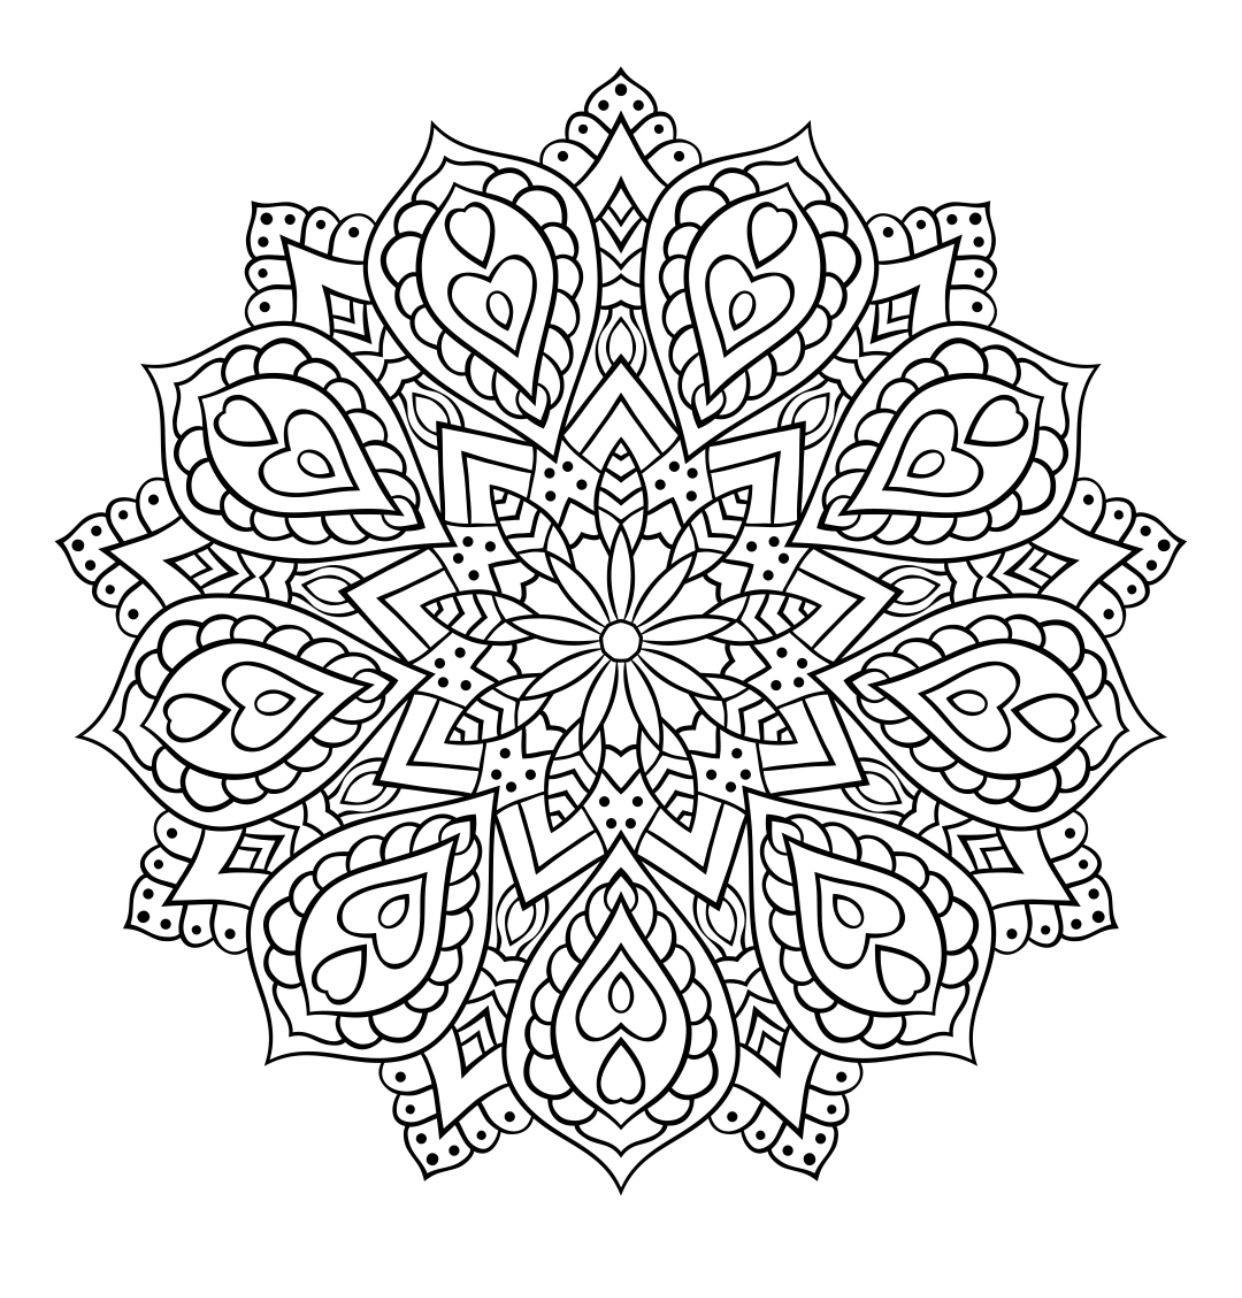 Malvorlagen Mandala Frisch Pin Von Alexa Ebert Auf Ausmalbilder Whdr Sammlung